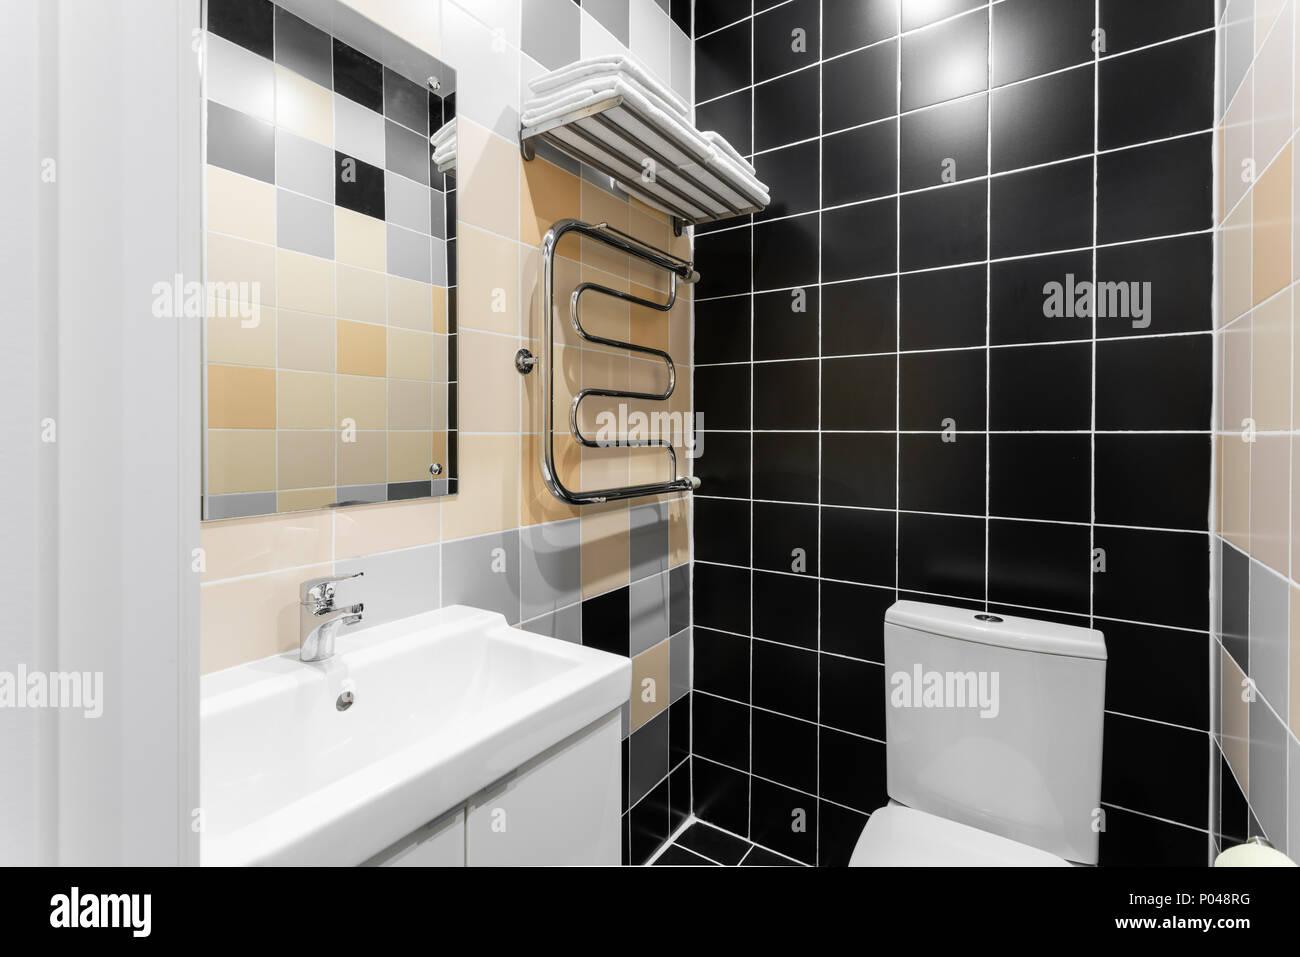 Salle de bains avec douche, toilettes et lavabo. Hôtel ...